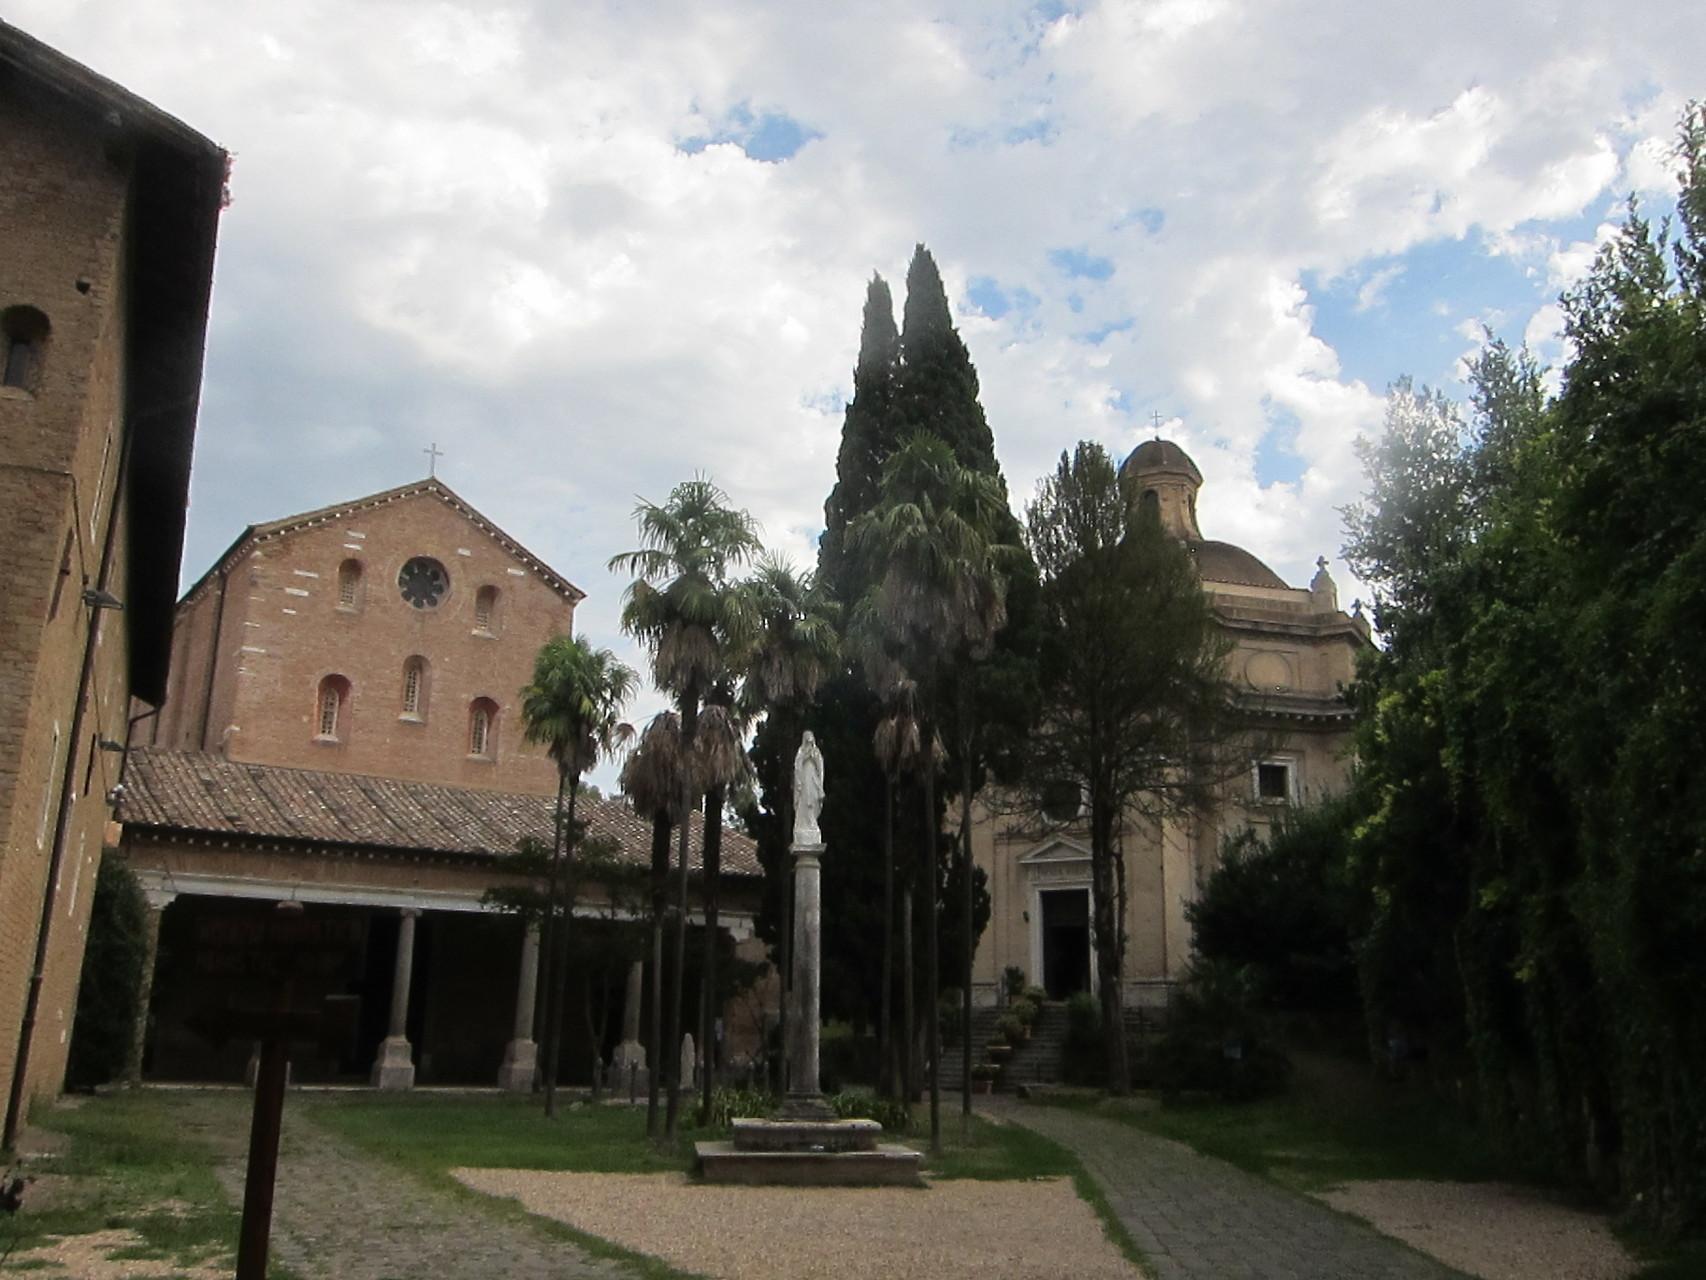 静かな修道会です 右側が聖パウロの牢跡の教会